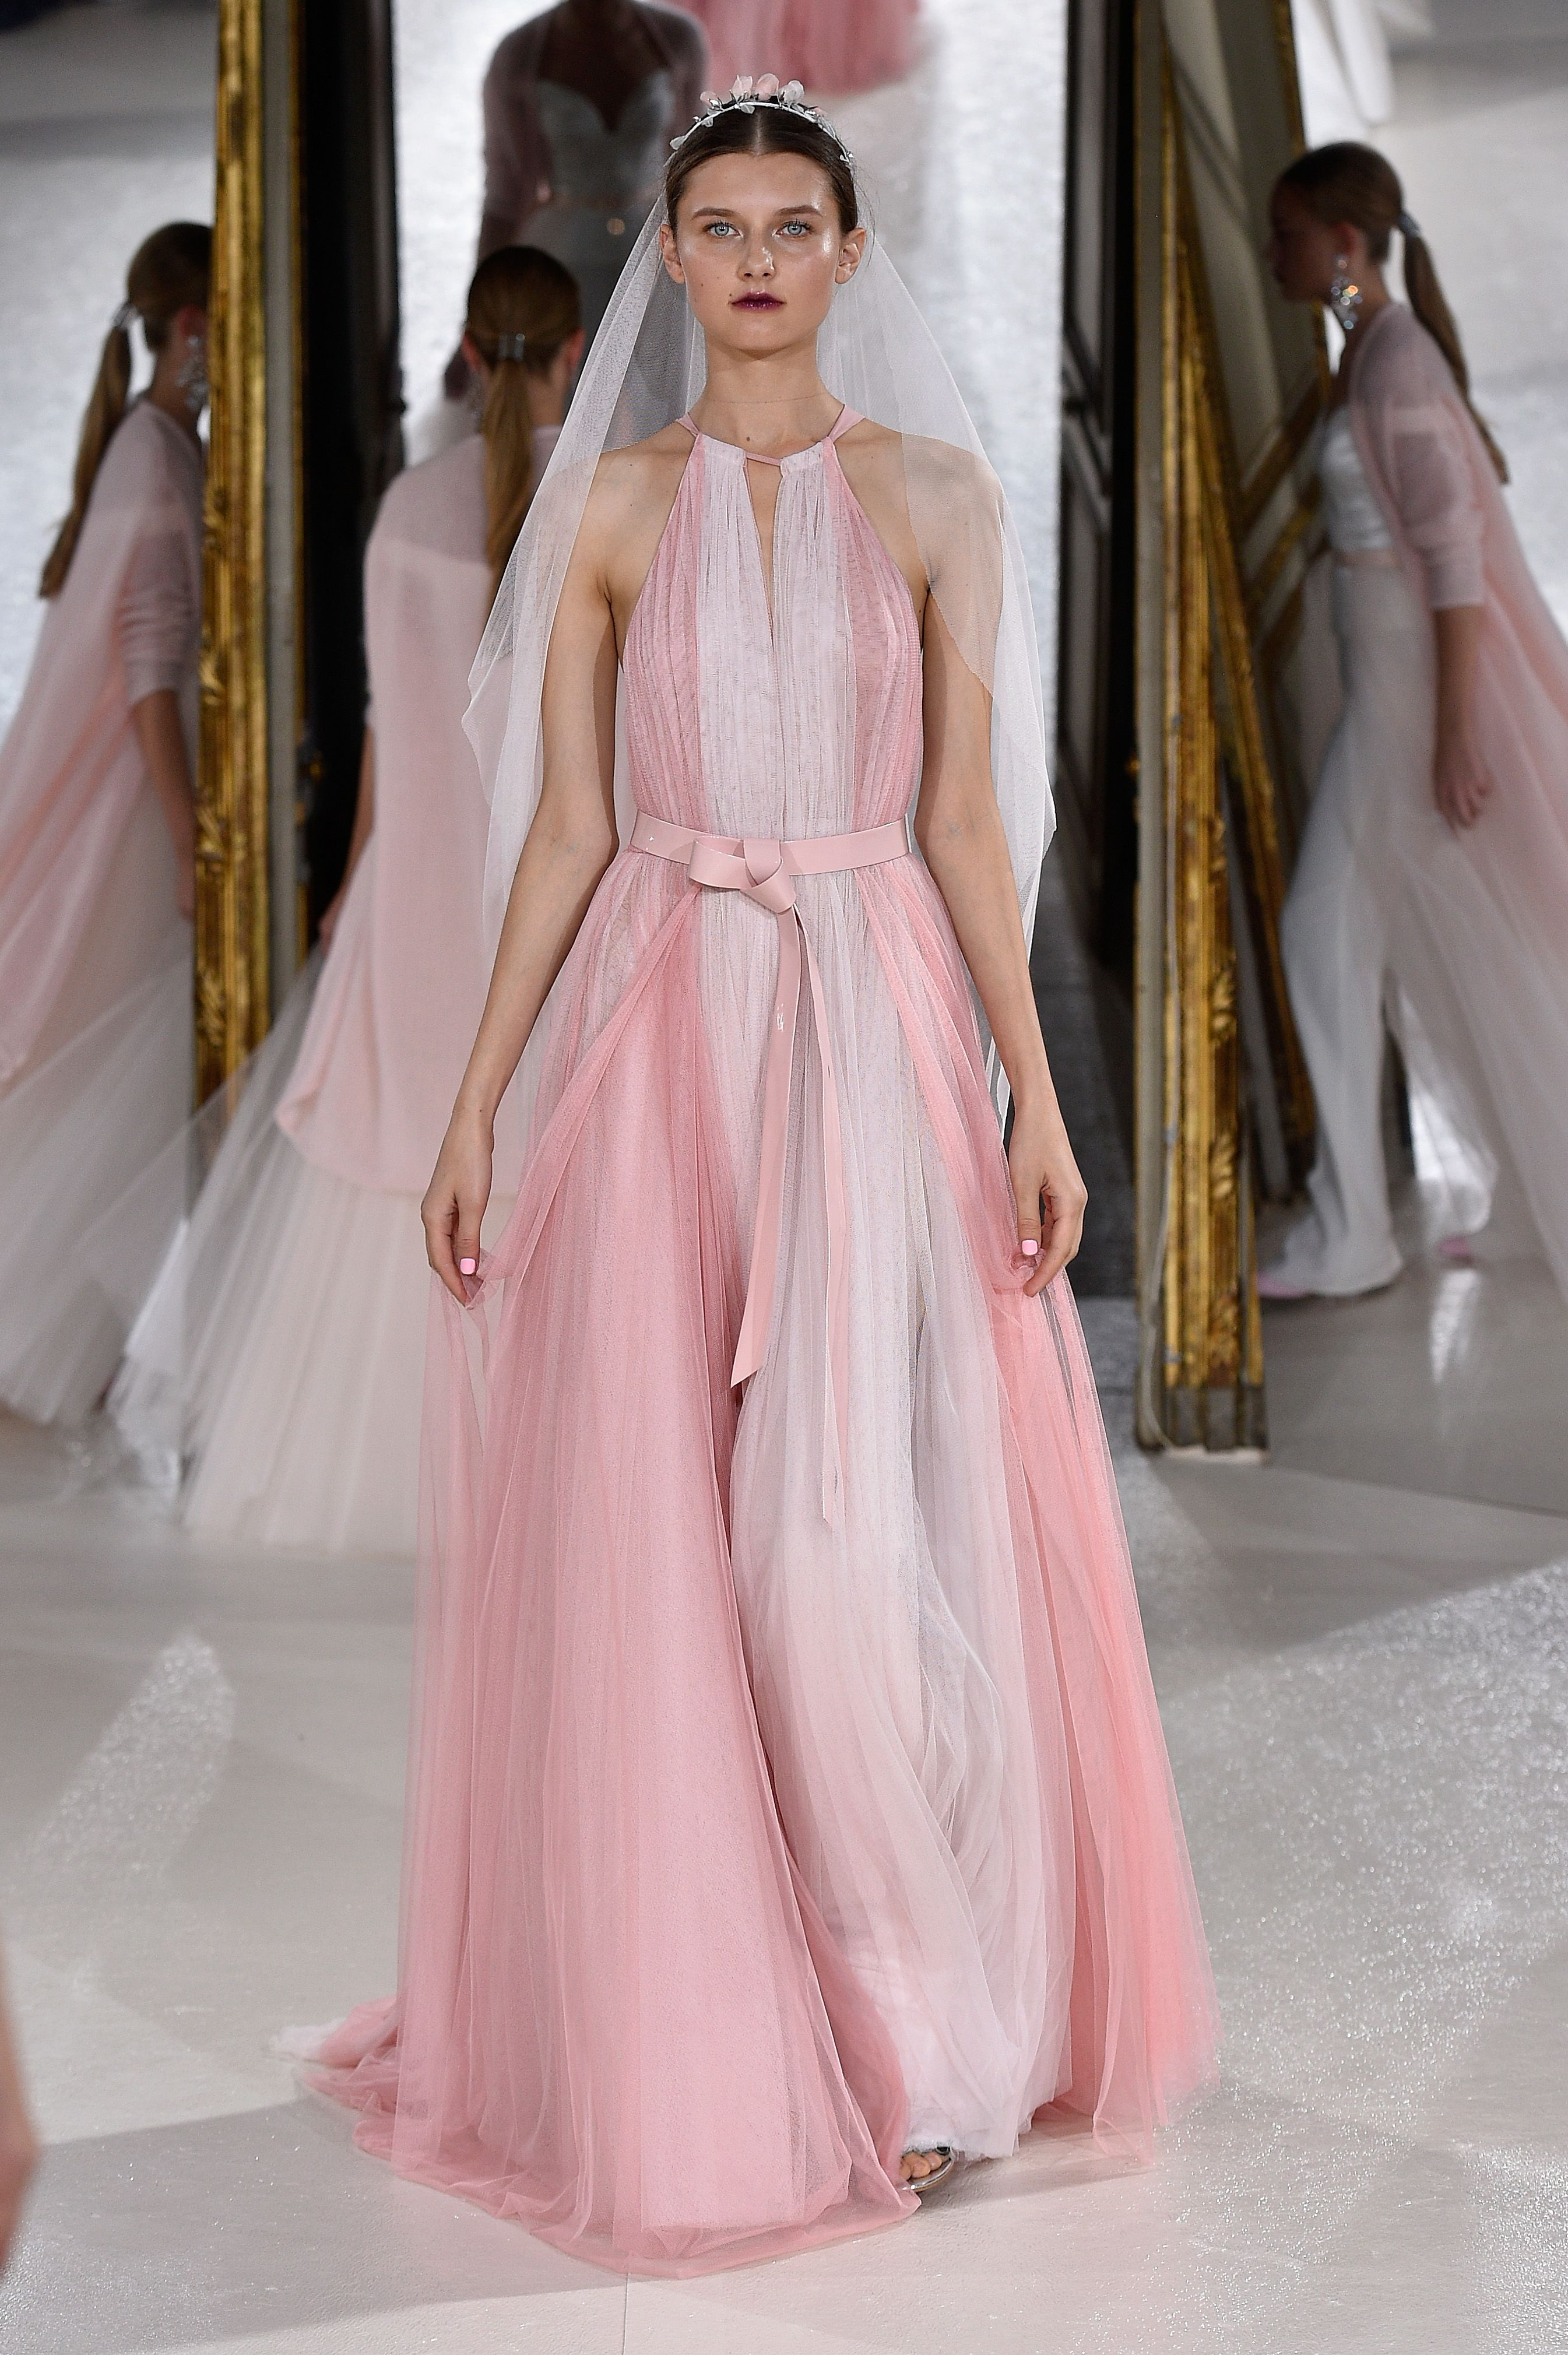 Weiße Brautkleider sind out – 2018 heiraten wir in DIESER Farbe ...